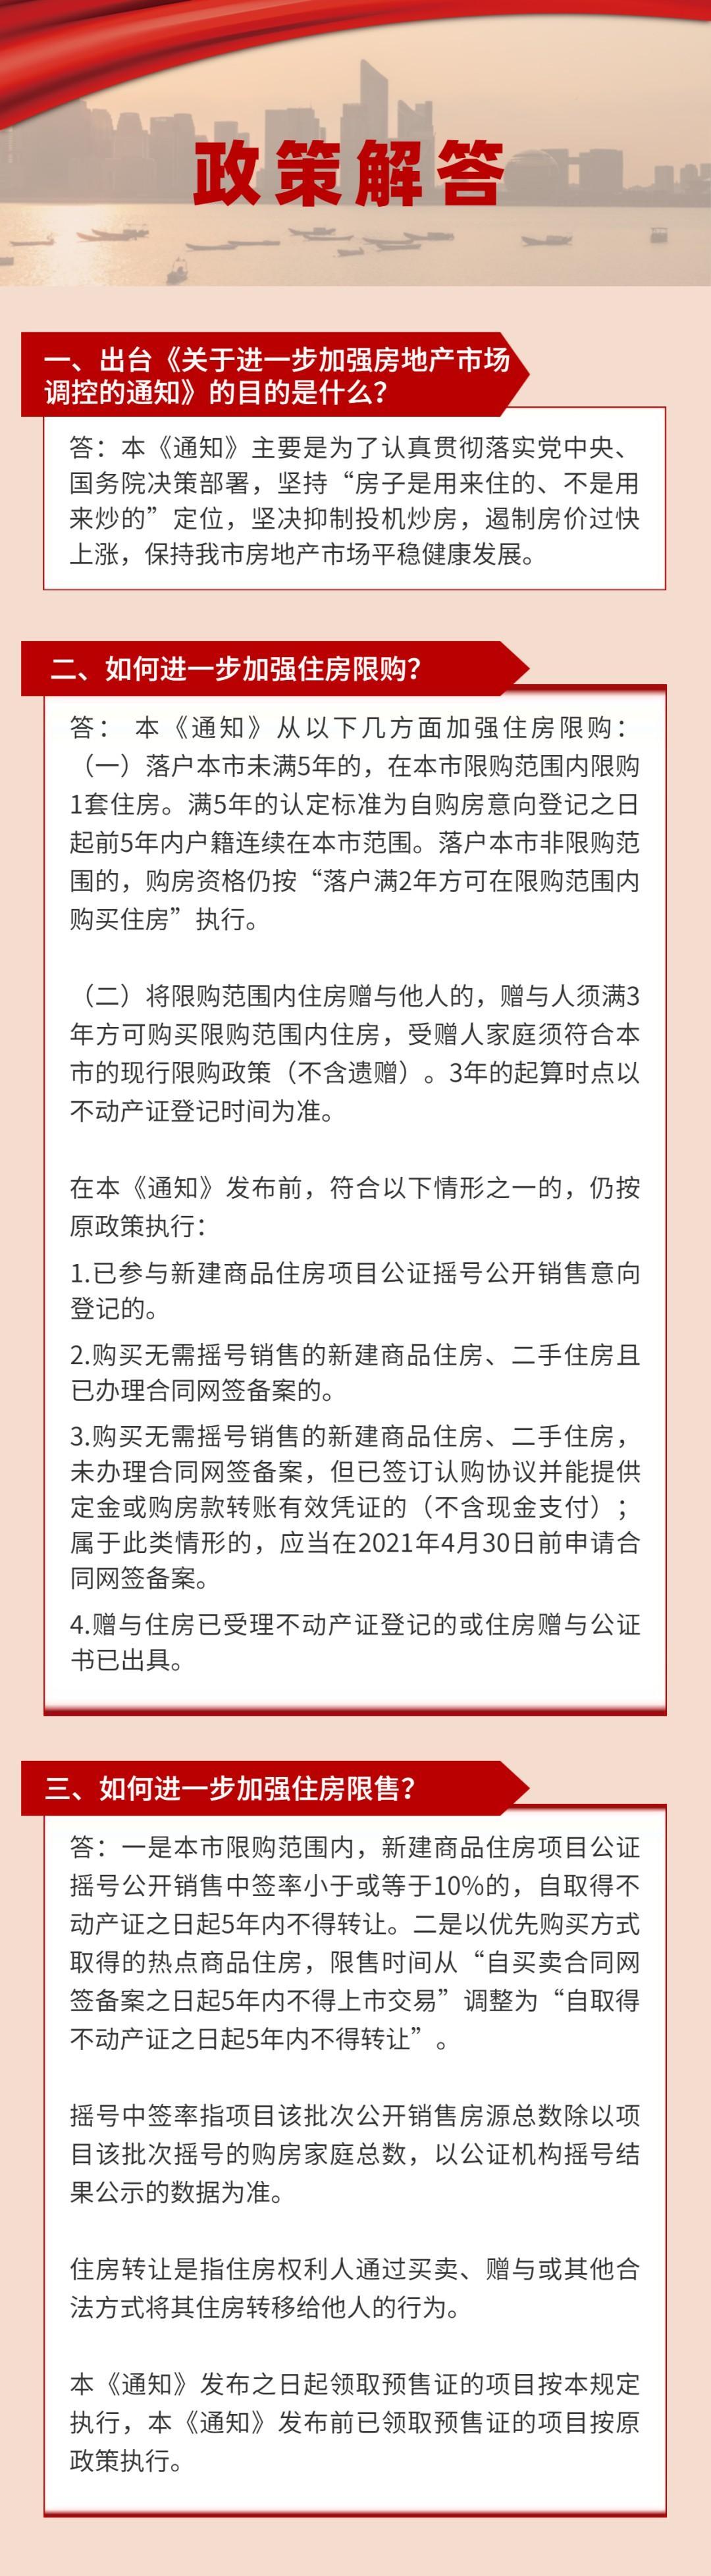 因城施策,杭州进一步加强房地产市场调控